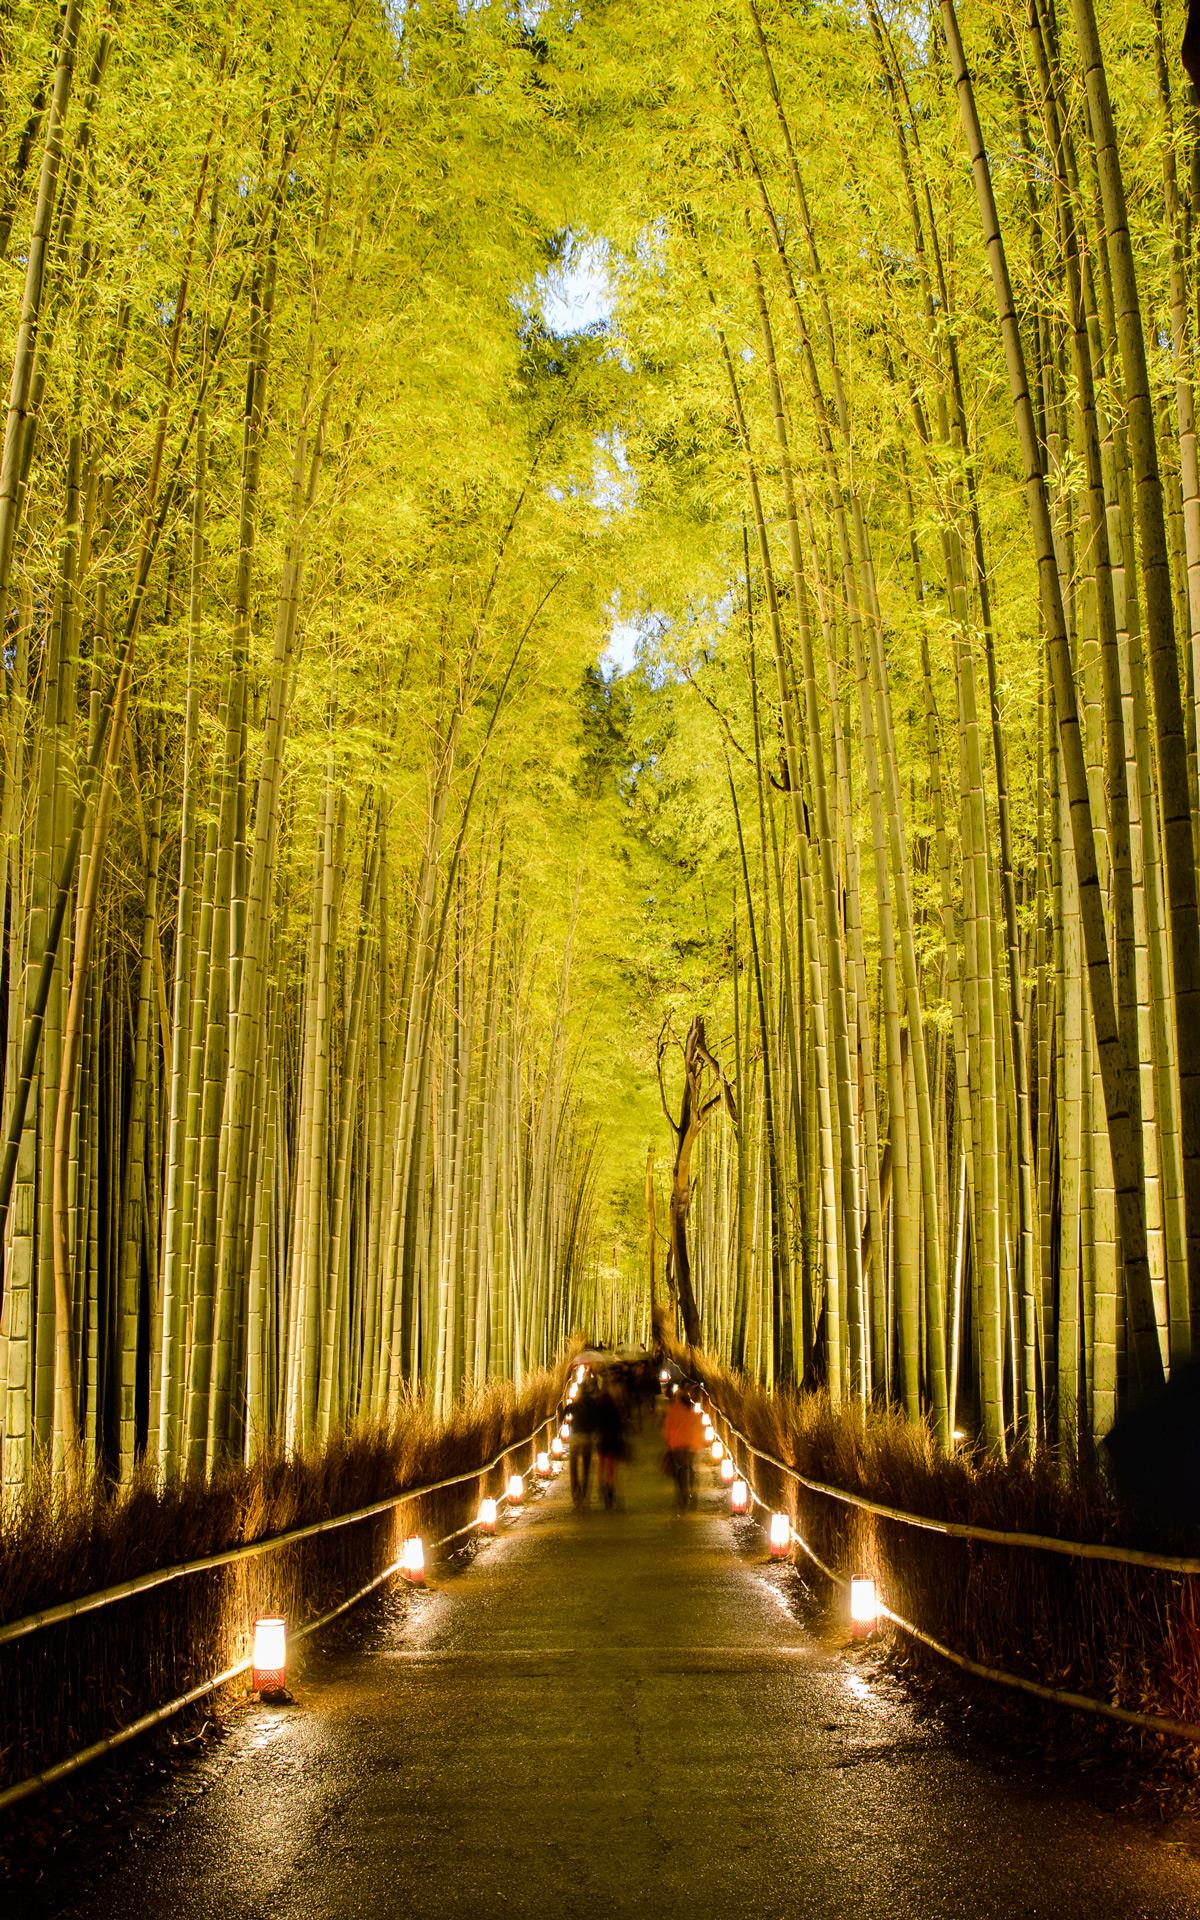 Jeffrey Friedl's Blog » Kyoto Arashiyama Bamboo Forest ...